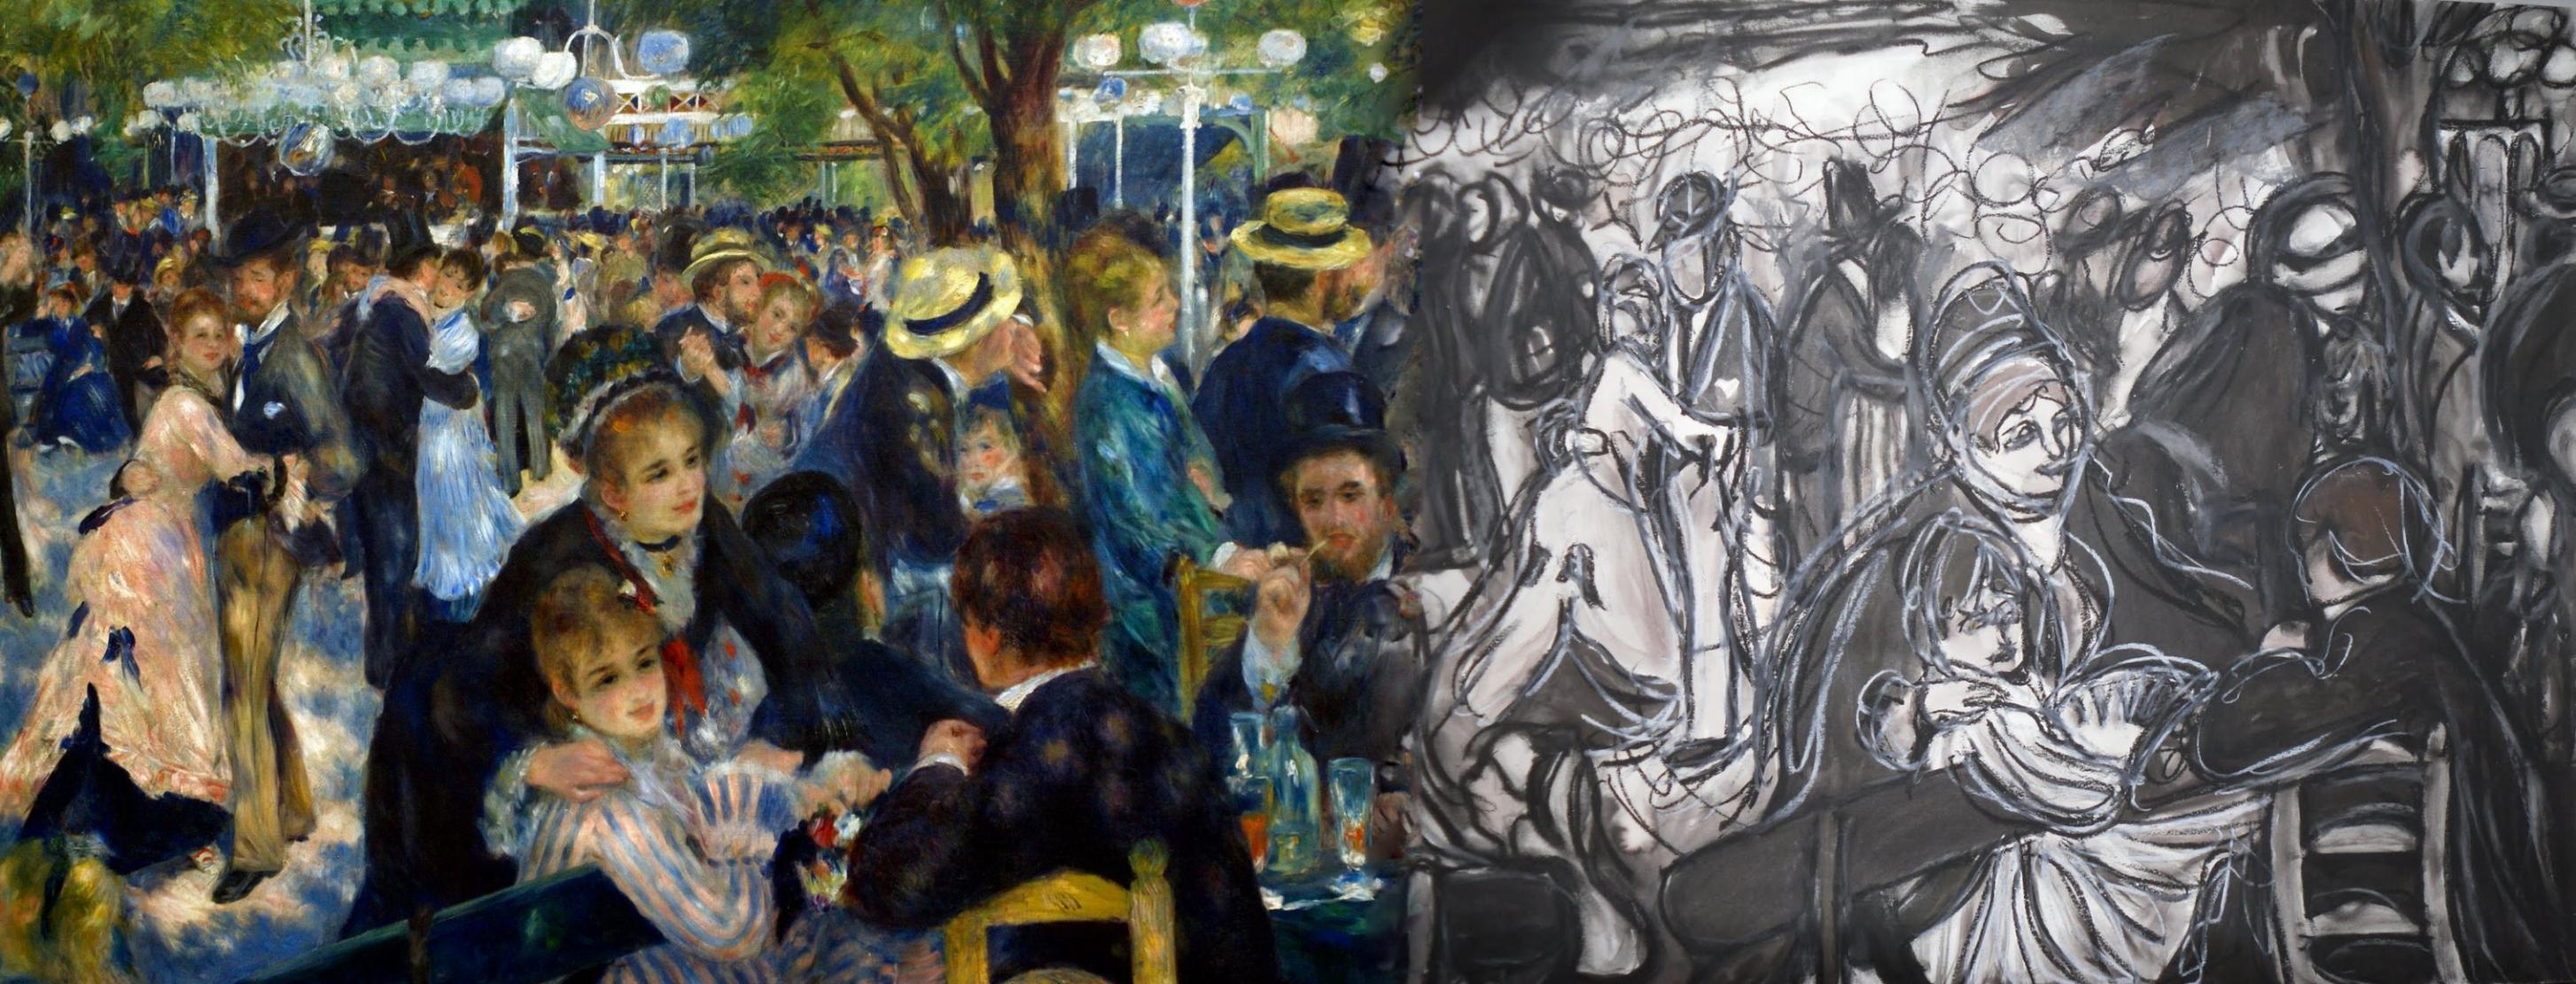 Renoir, Bal du Moulin de la Galette 1876 plus | Parodies & Variations